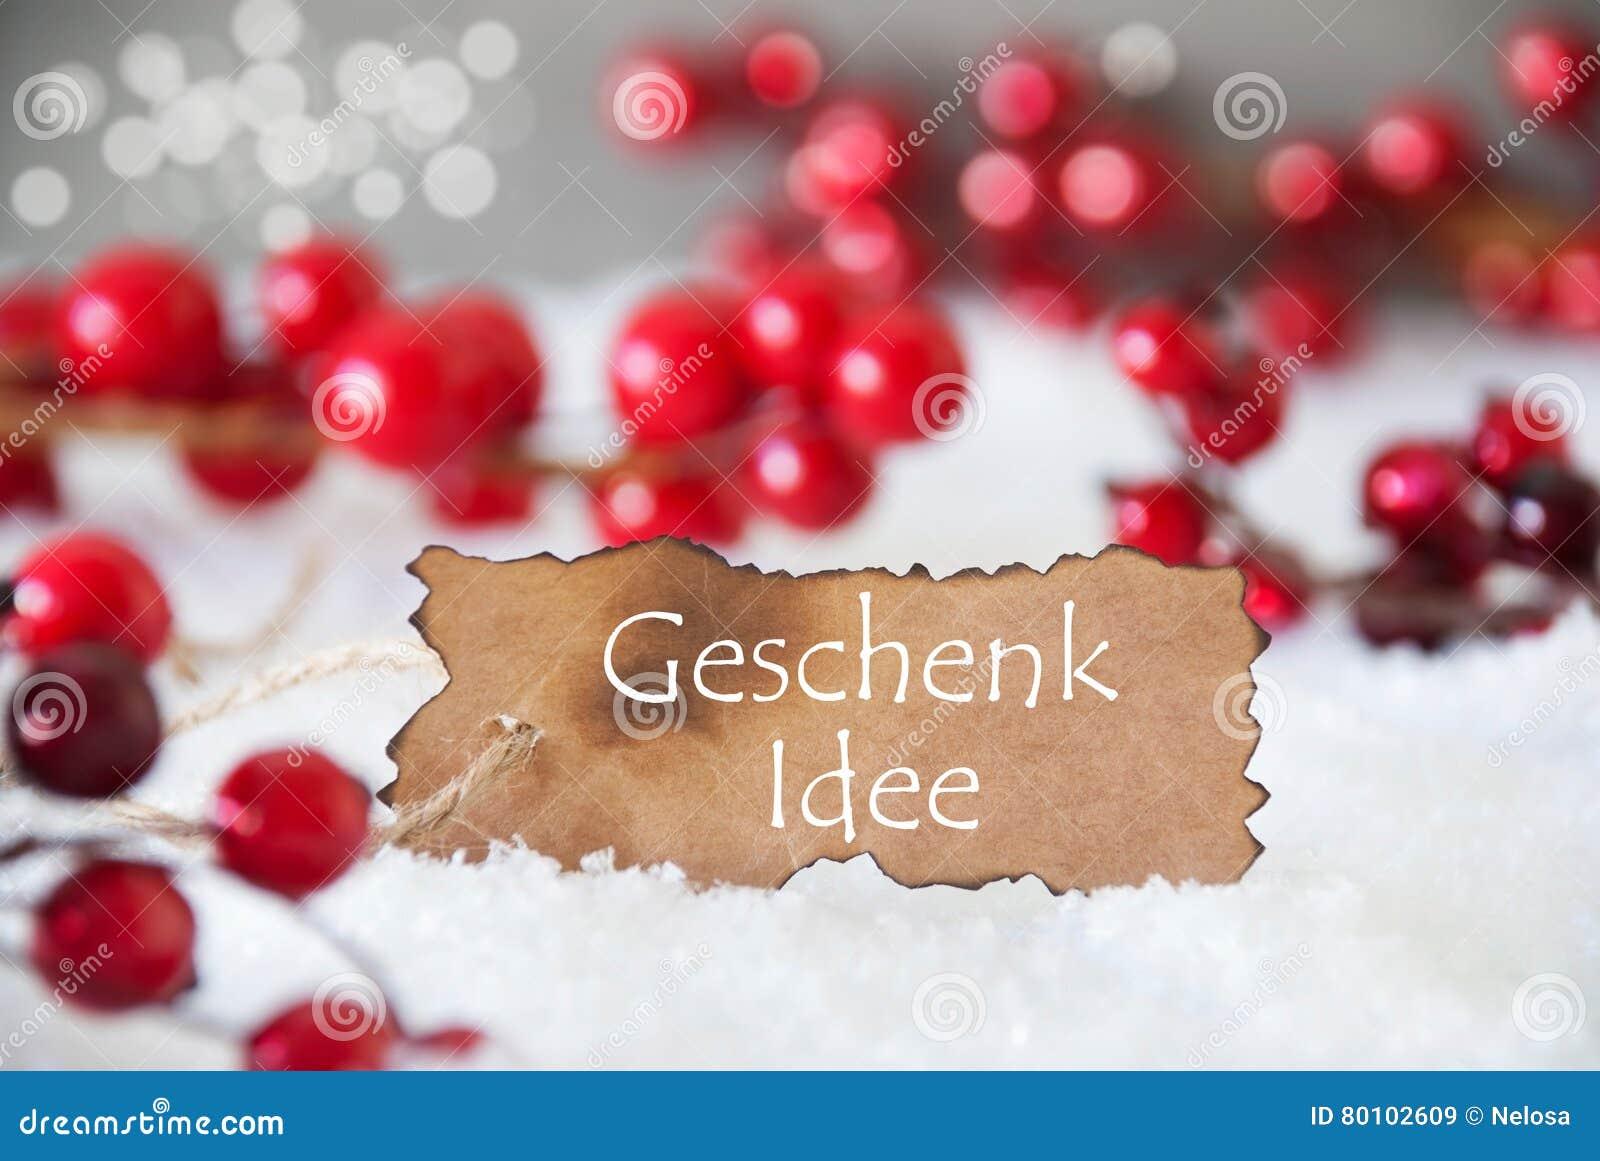 A etiqueta queimada, neve, Bokeh, texto Geschenk Idee significa a ideia do presente